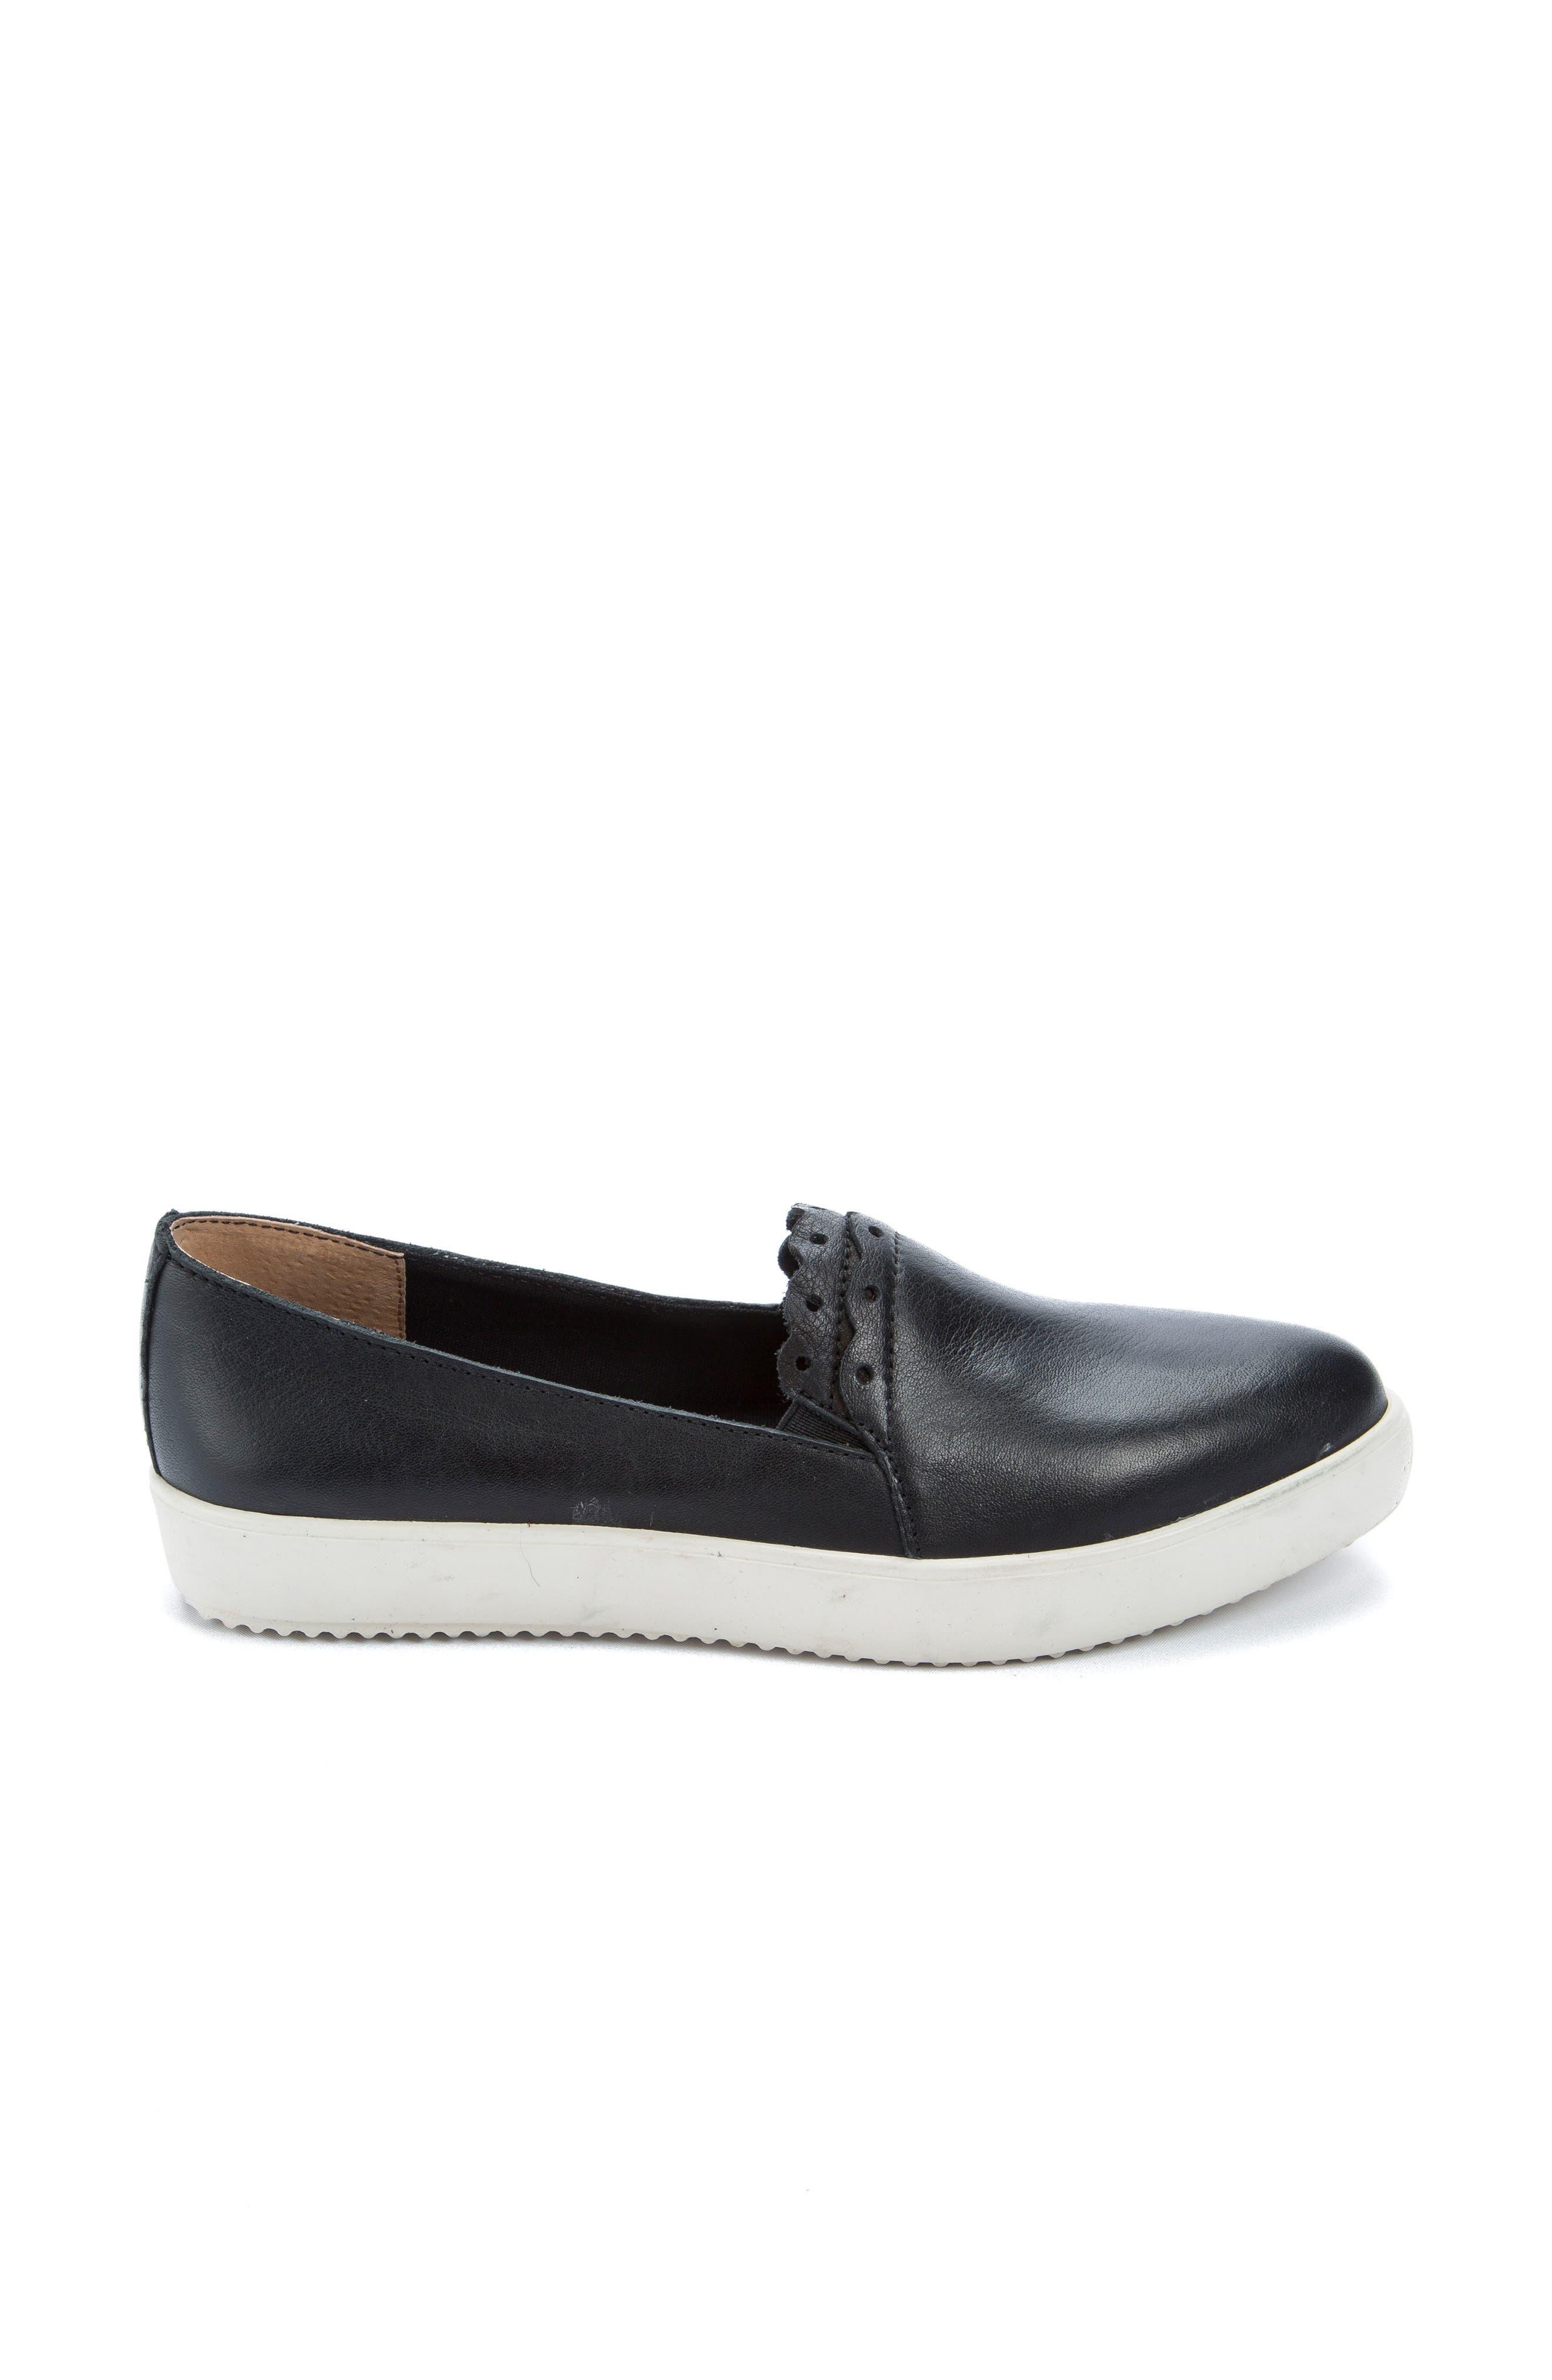 Roe Slip-On Sneaker,                             Alternate thumbnail 3, color,                             Black